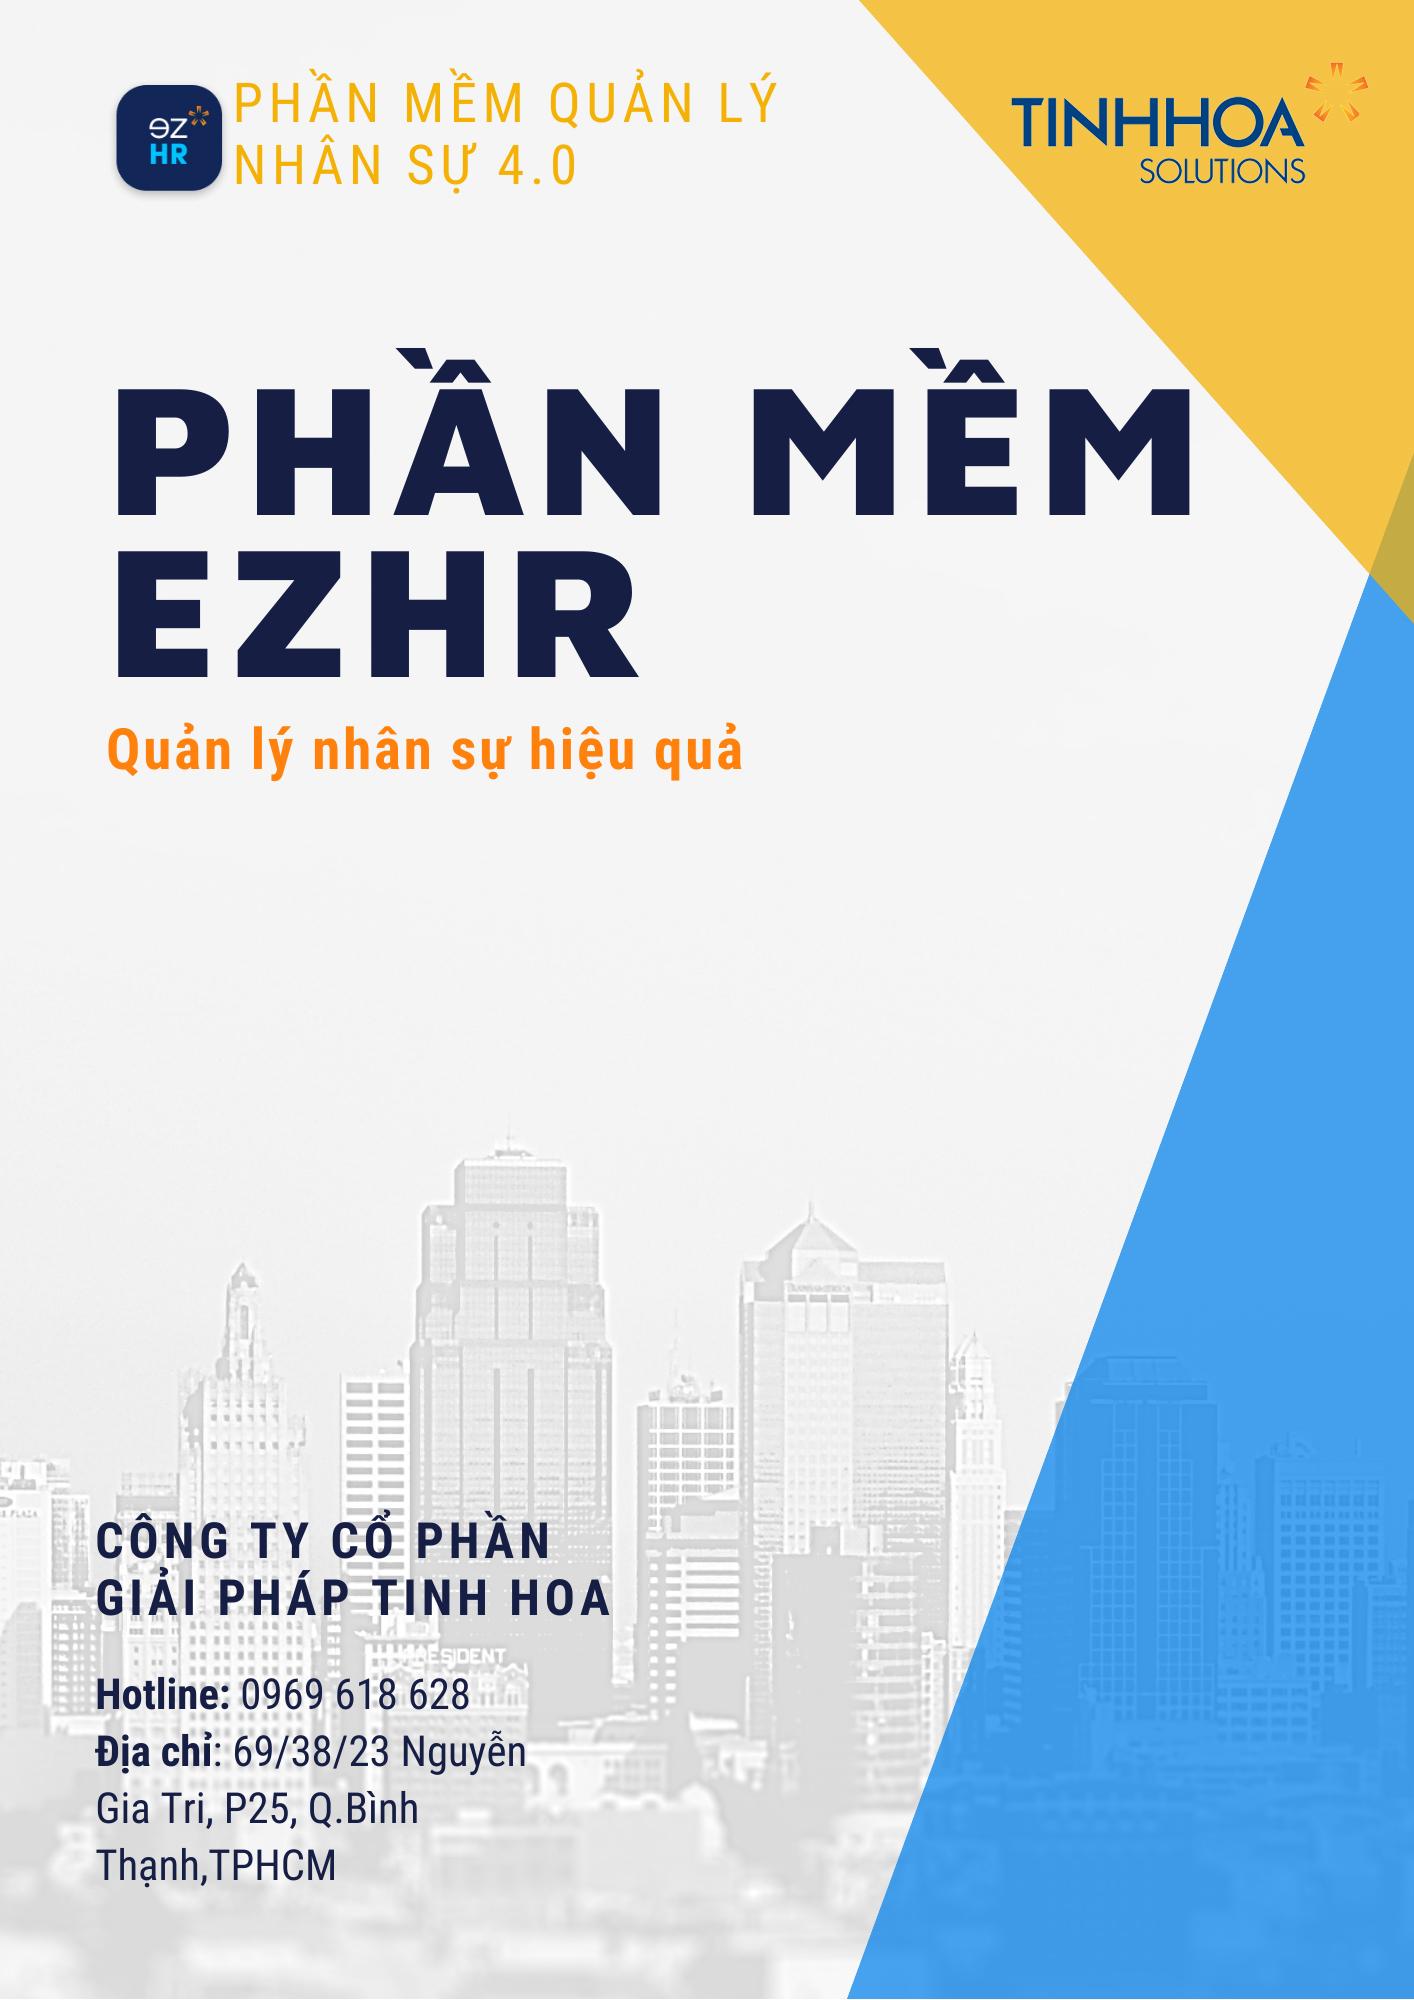 Phầm mềm EZHR